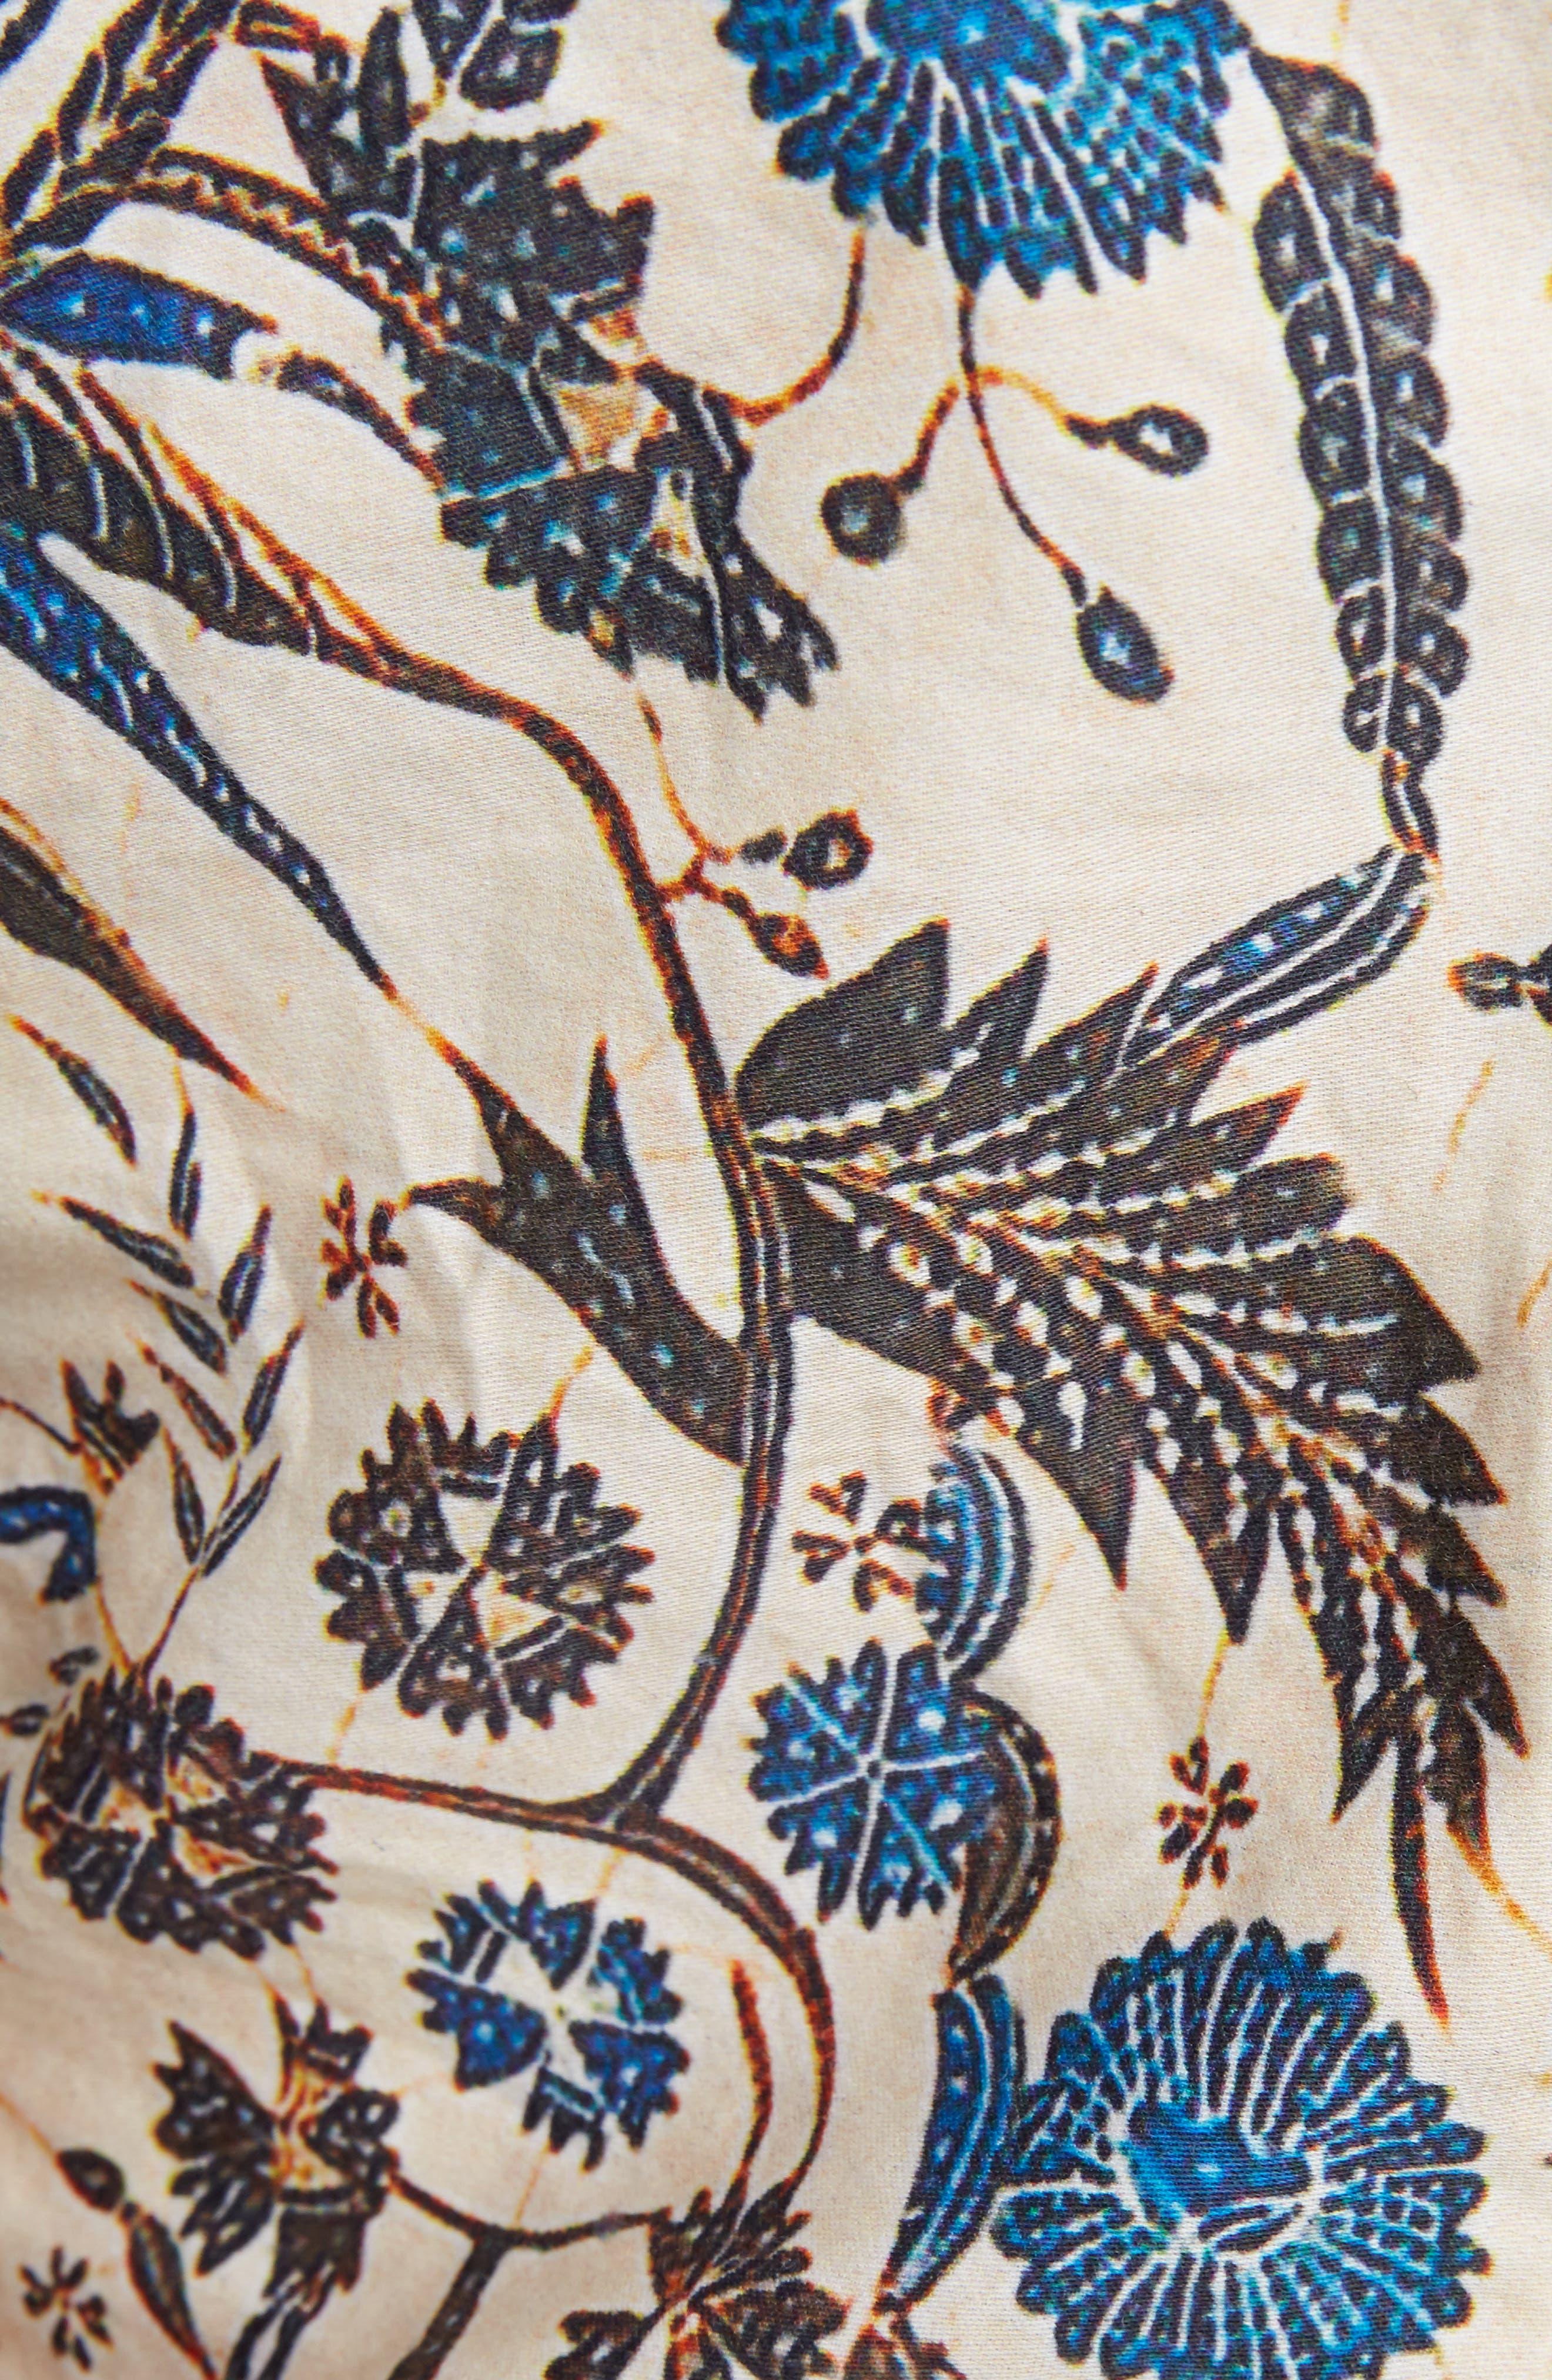 Isabel Marant Étoile Carey Print Cotton Top,                             Alternate thumbnail 5, color,                             250